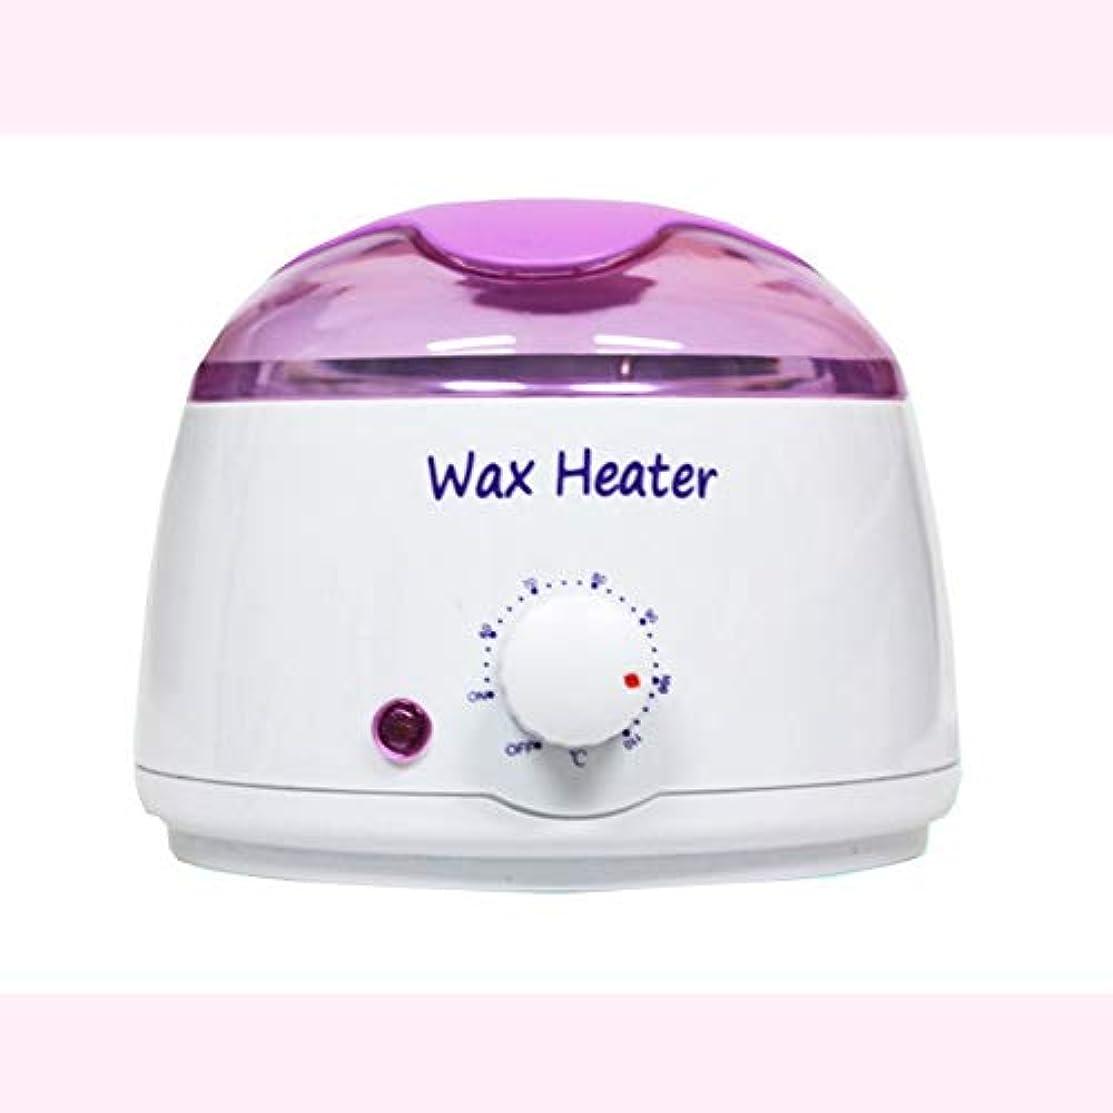 条件付きオープニング基礎理論専門の電気ワックスのウォーマーおよびヒーター、女性/人のための毛の取り外しの家のワックスのためのワックスのメルターは小型多機能のワックス機械を熱します